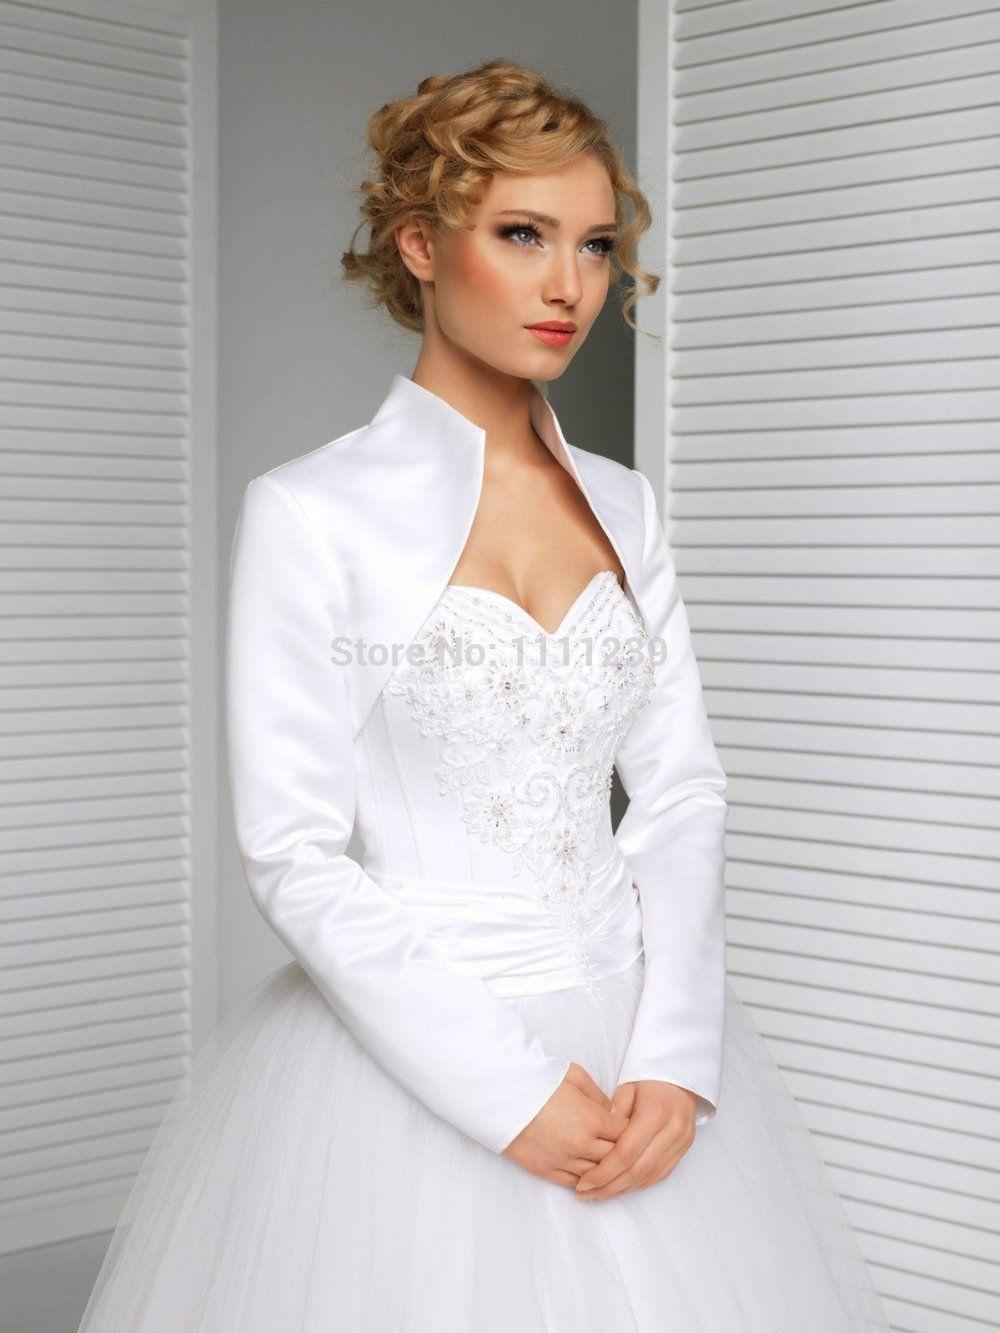 New Bridal Satin Jacket Wrap Wedding Shrug Long Sleeve Bolero DS0608 ...